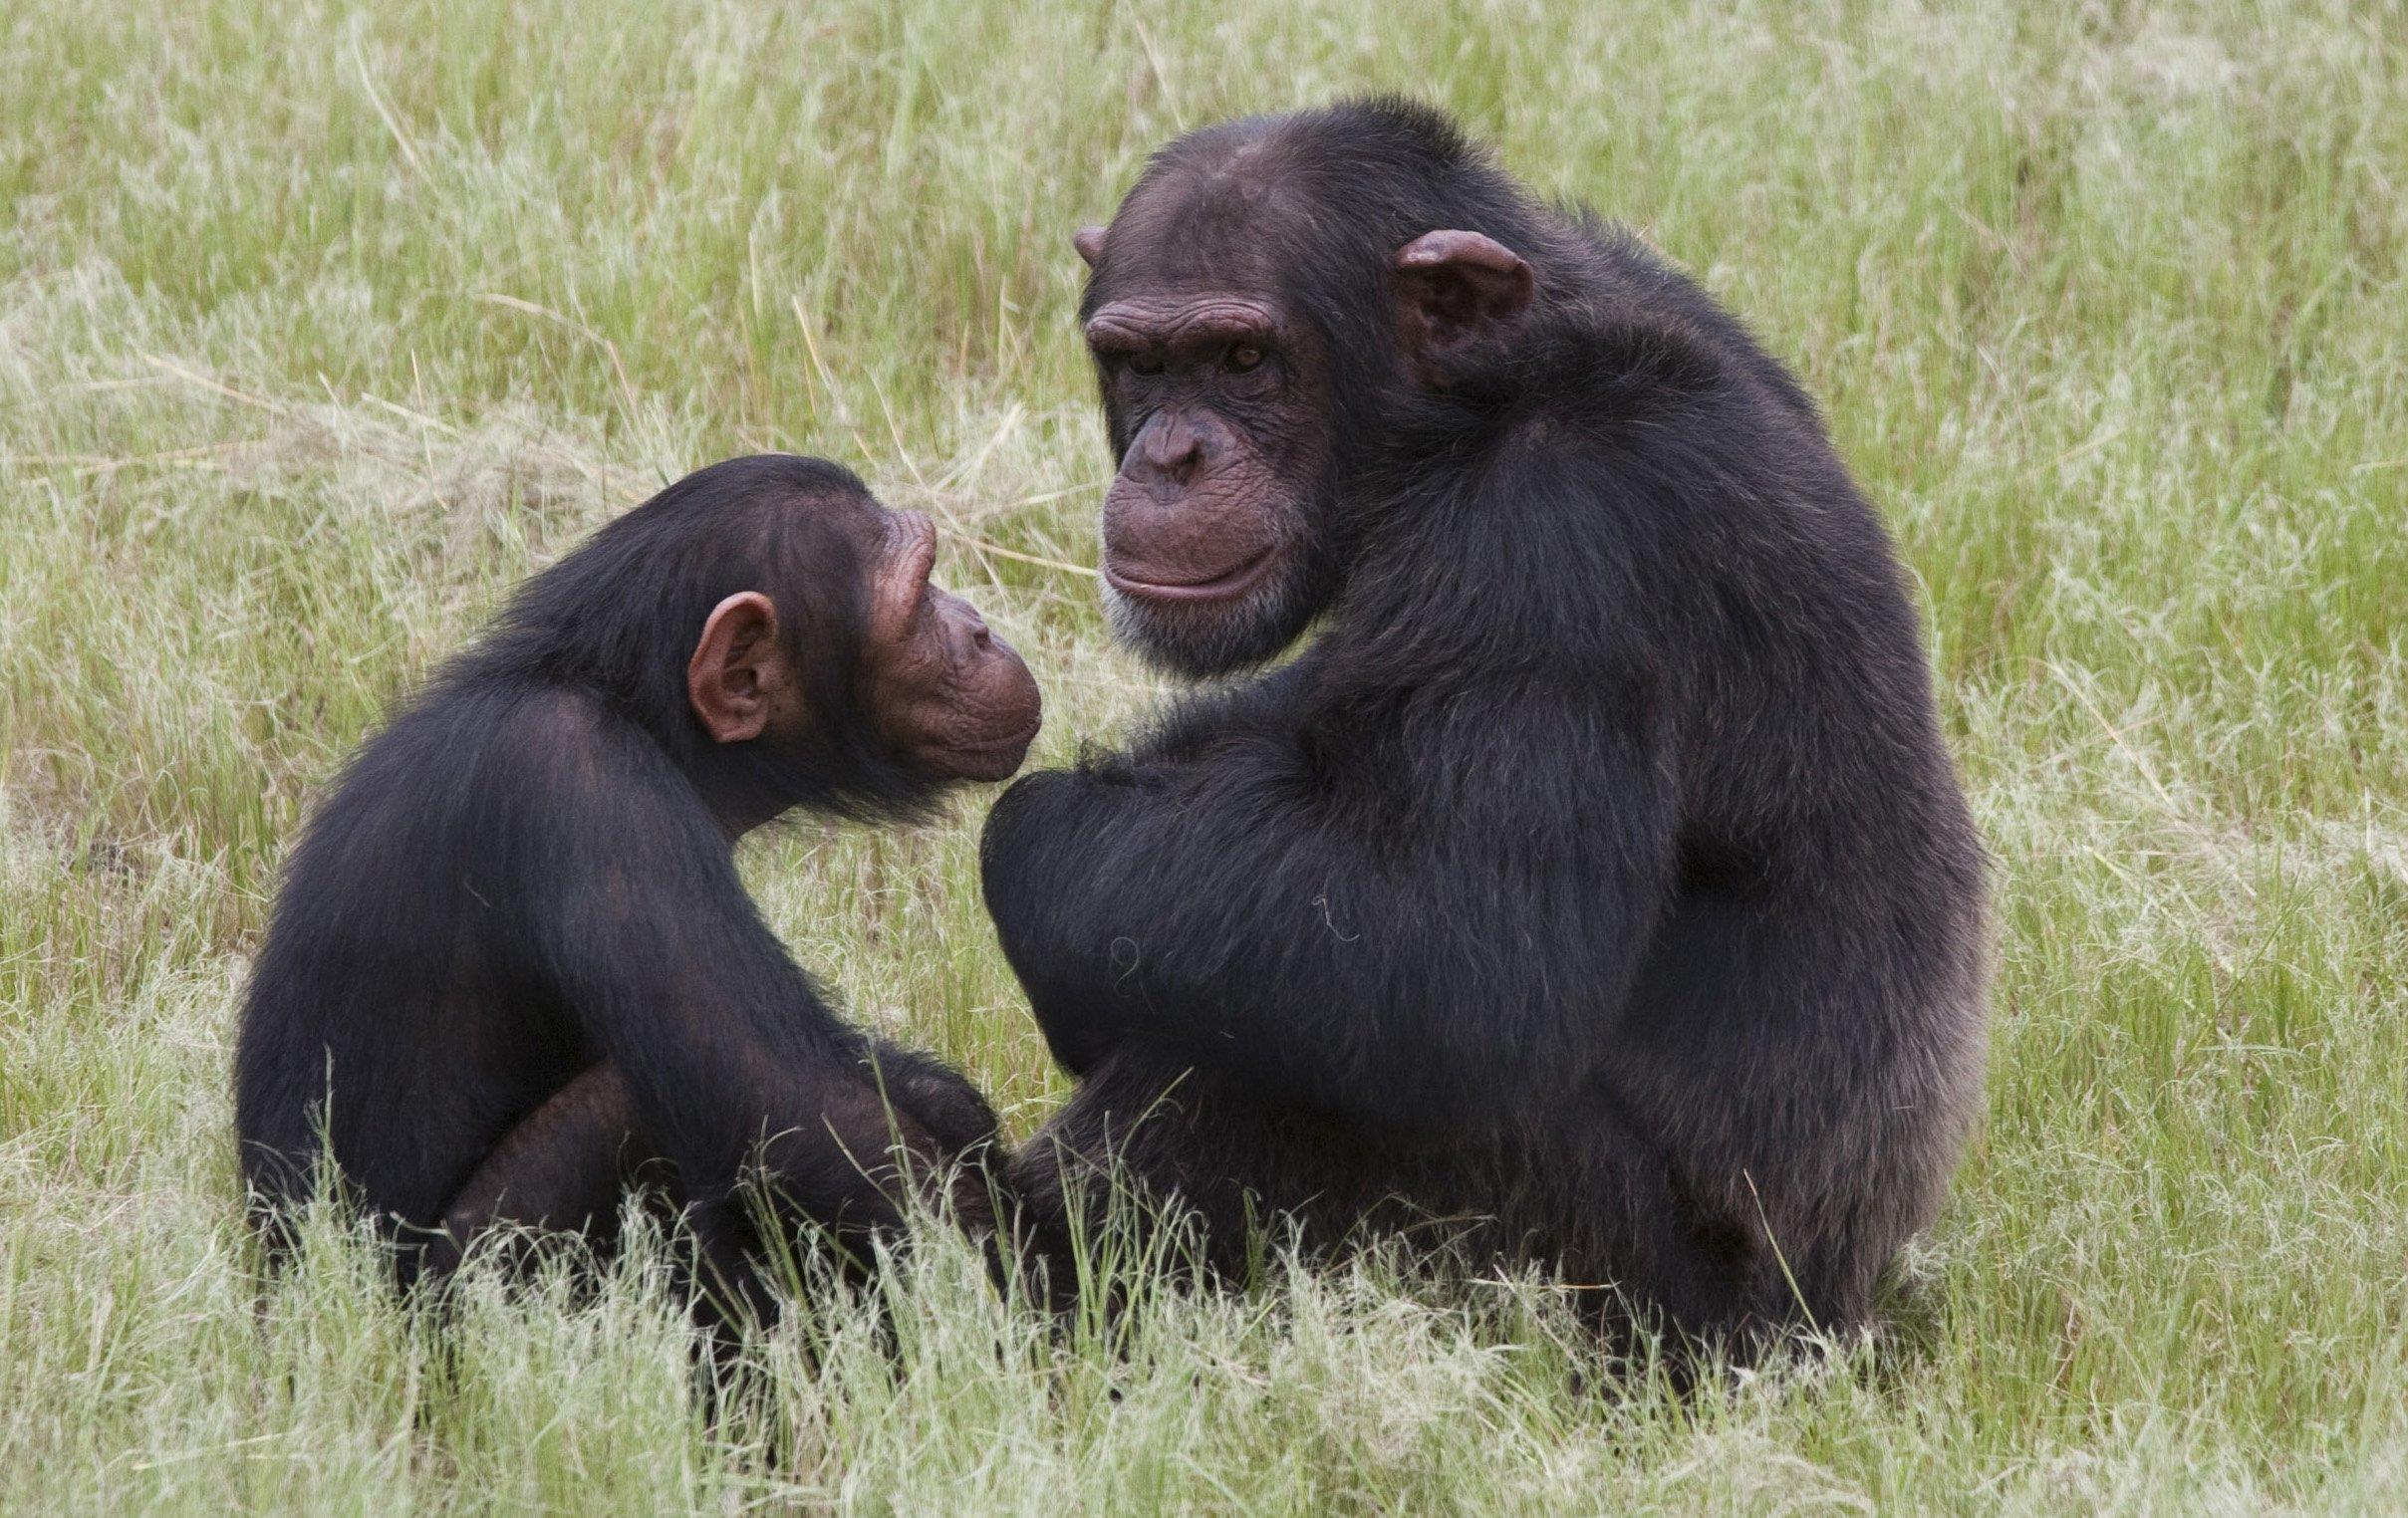 Pet Primates Chimps Raised By Humans Have Social Problems